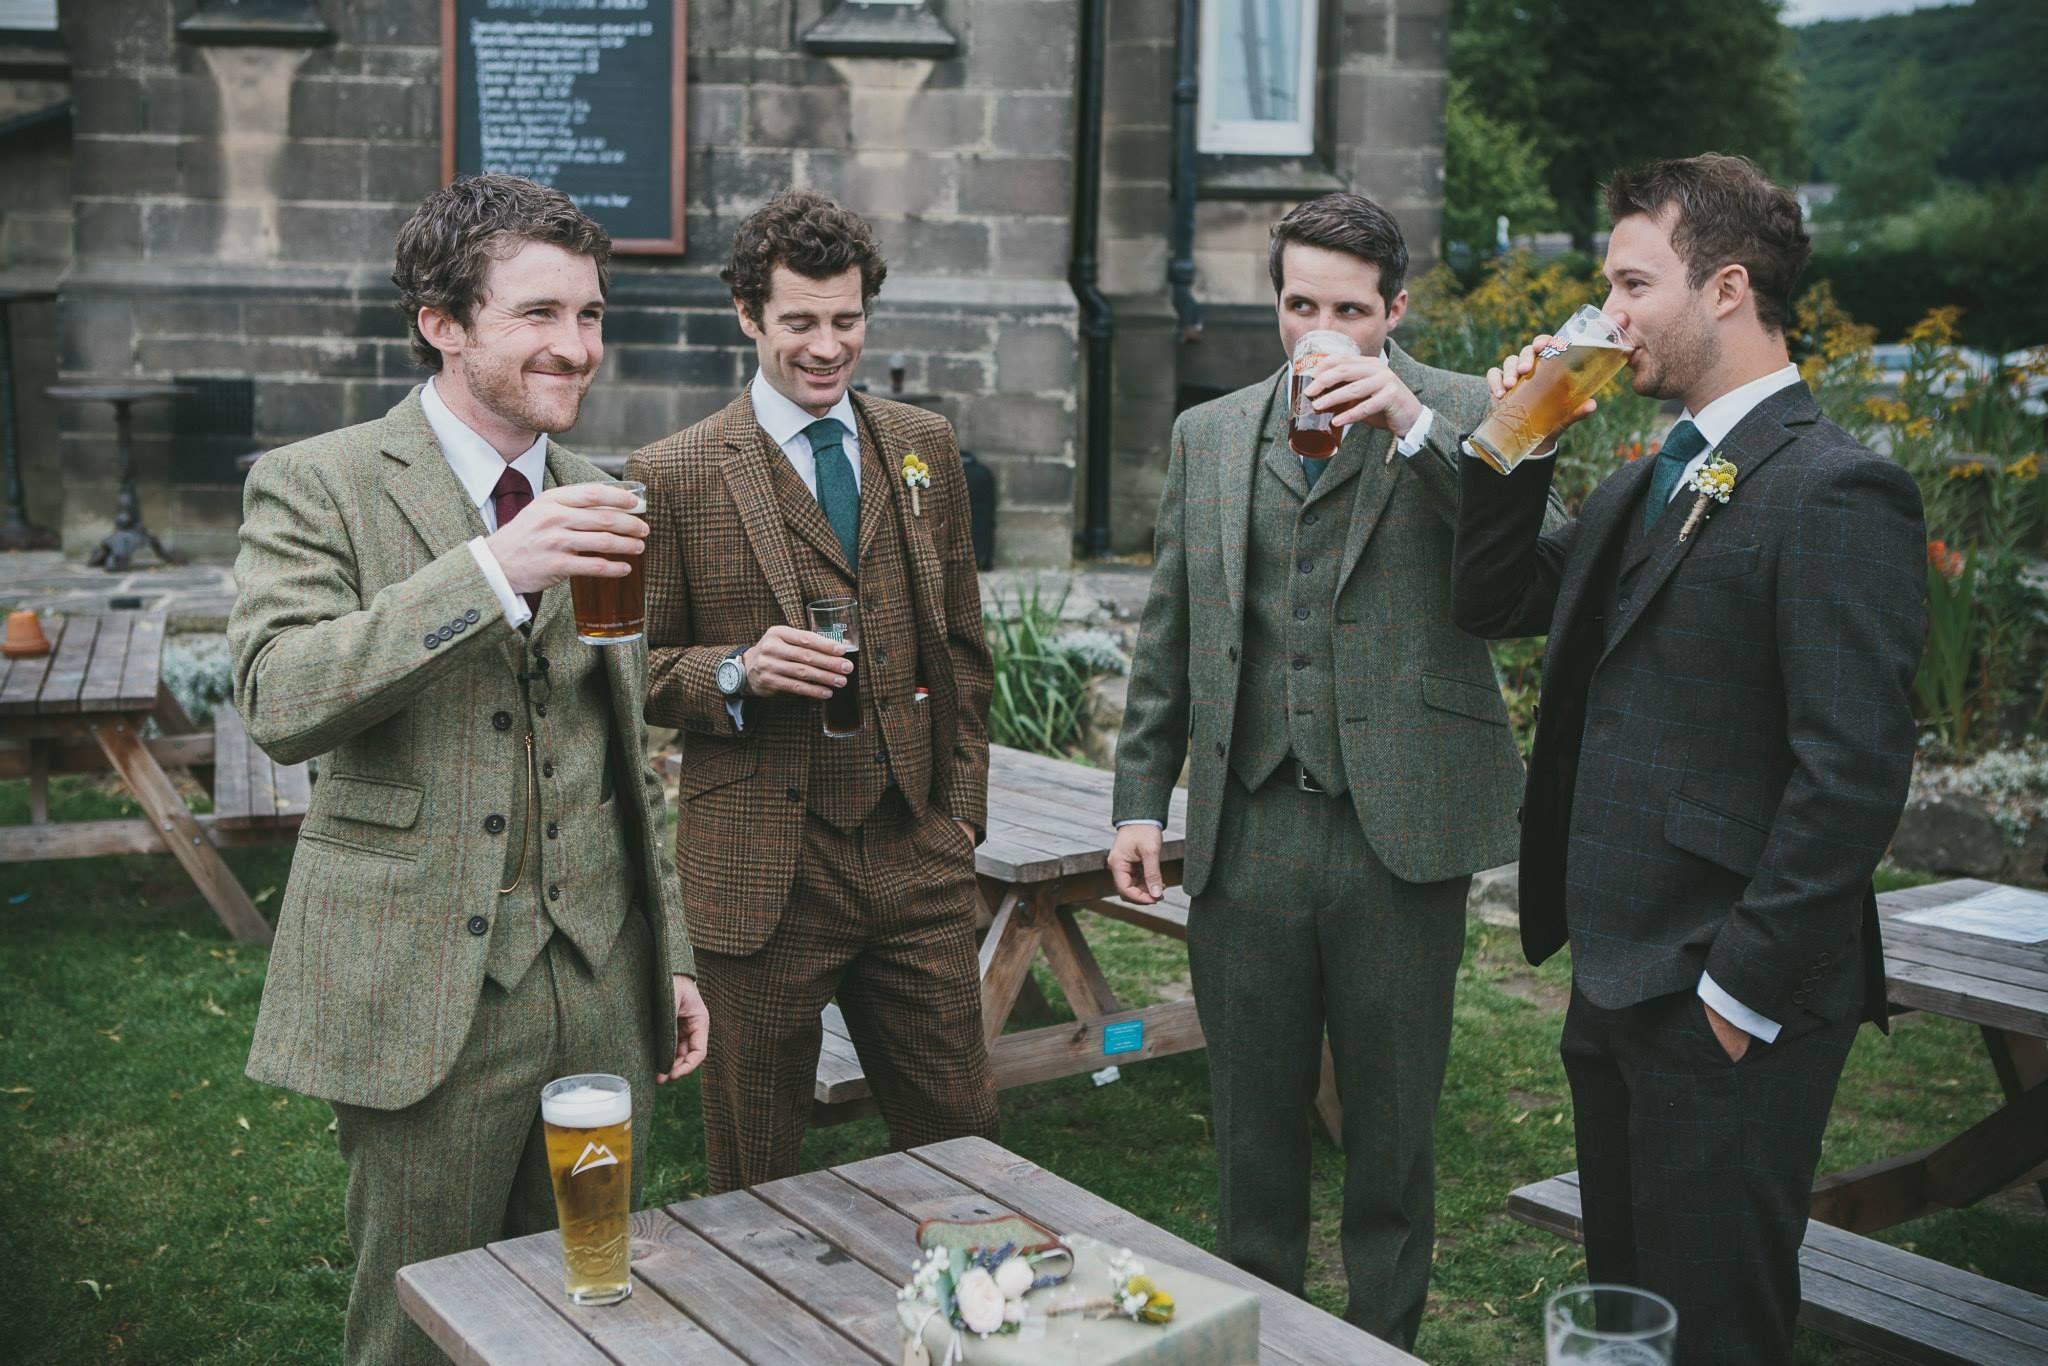 Tweed Weddings Part 1 Our Blog In 2020 Tweed Wedding Tweed Wedding Suits Wedding Suits